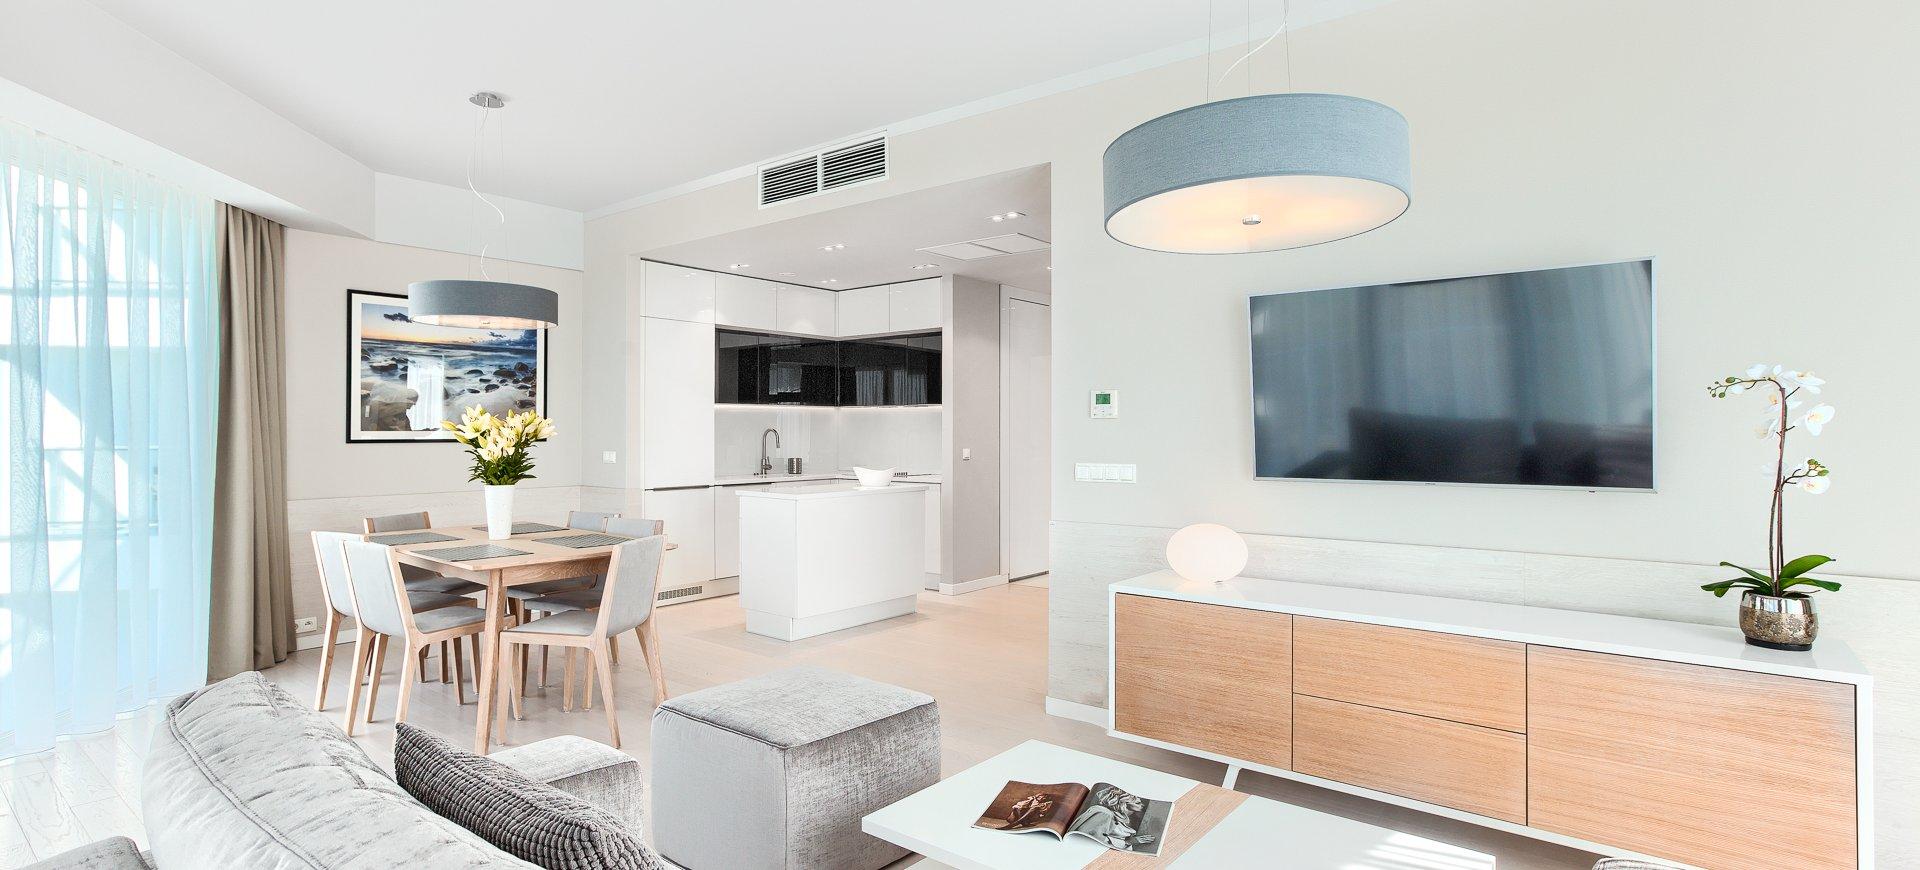 Apartament Deluxe z 2 sypialniami 3.10 B z  widokiem na morze